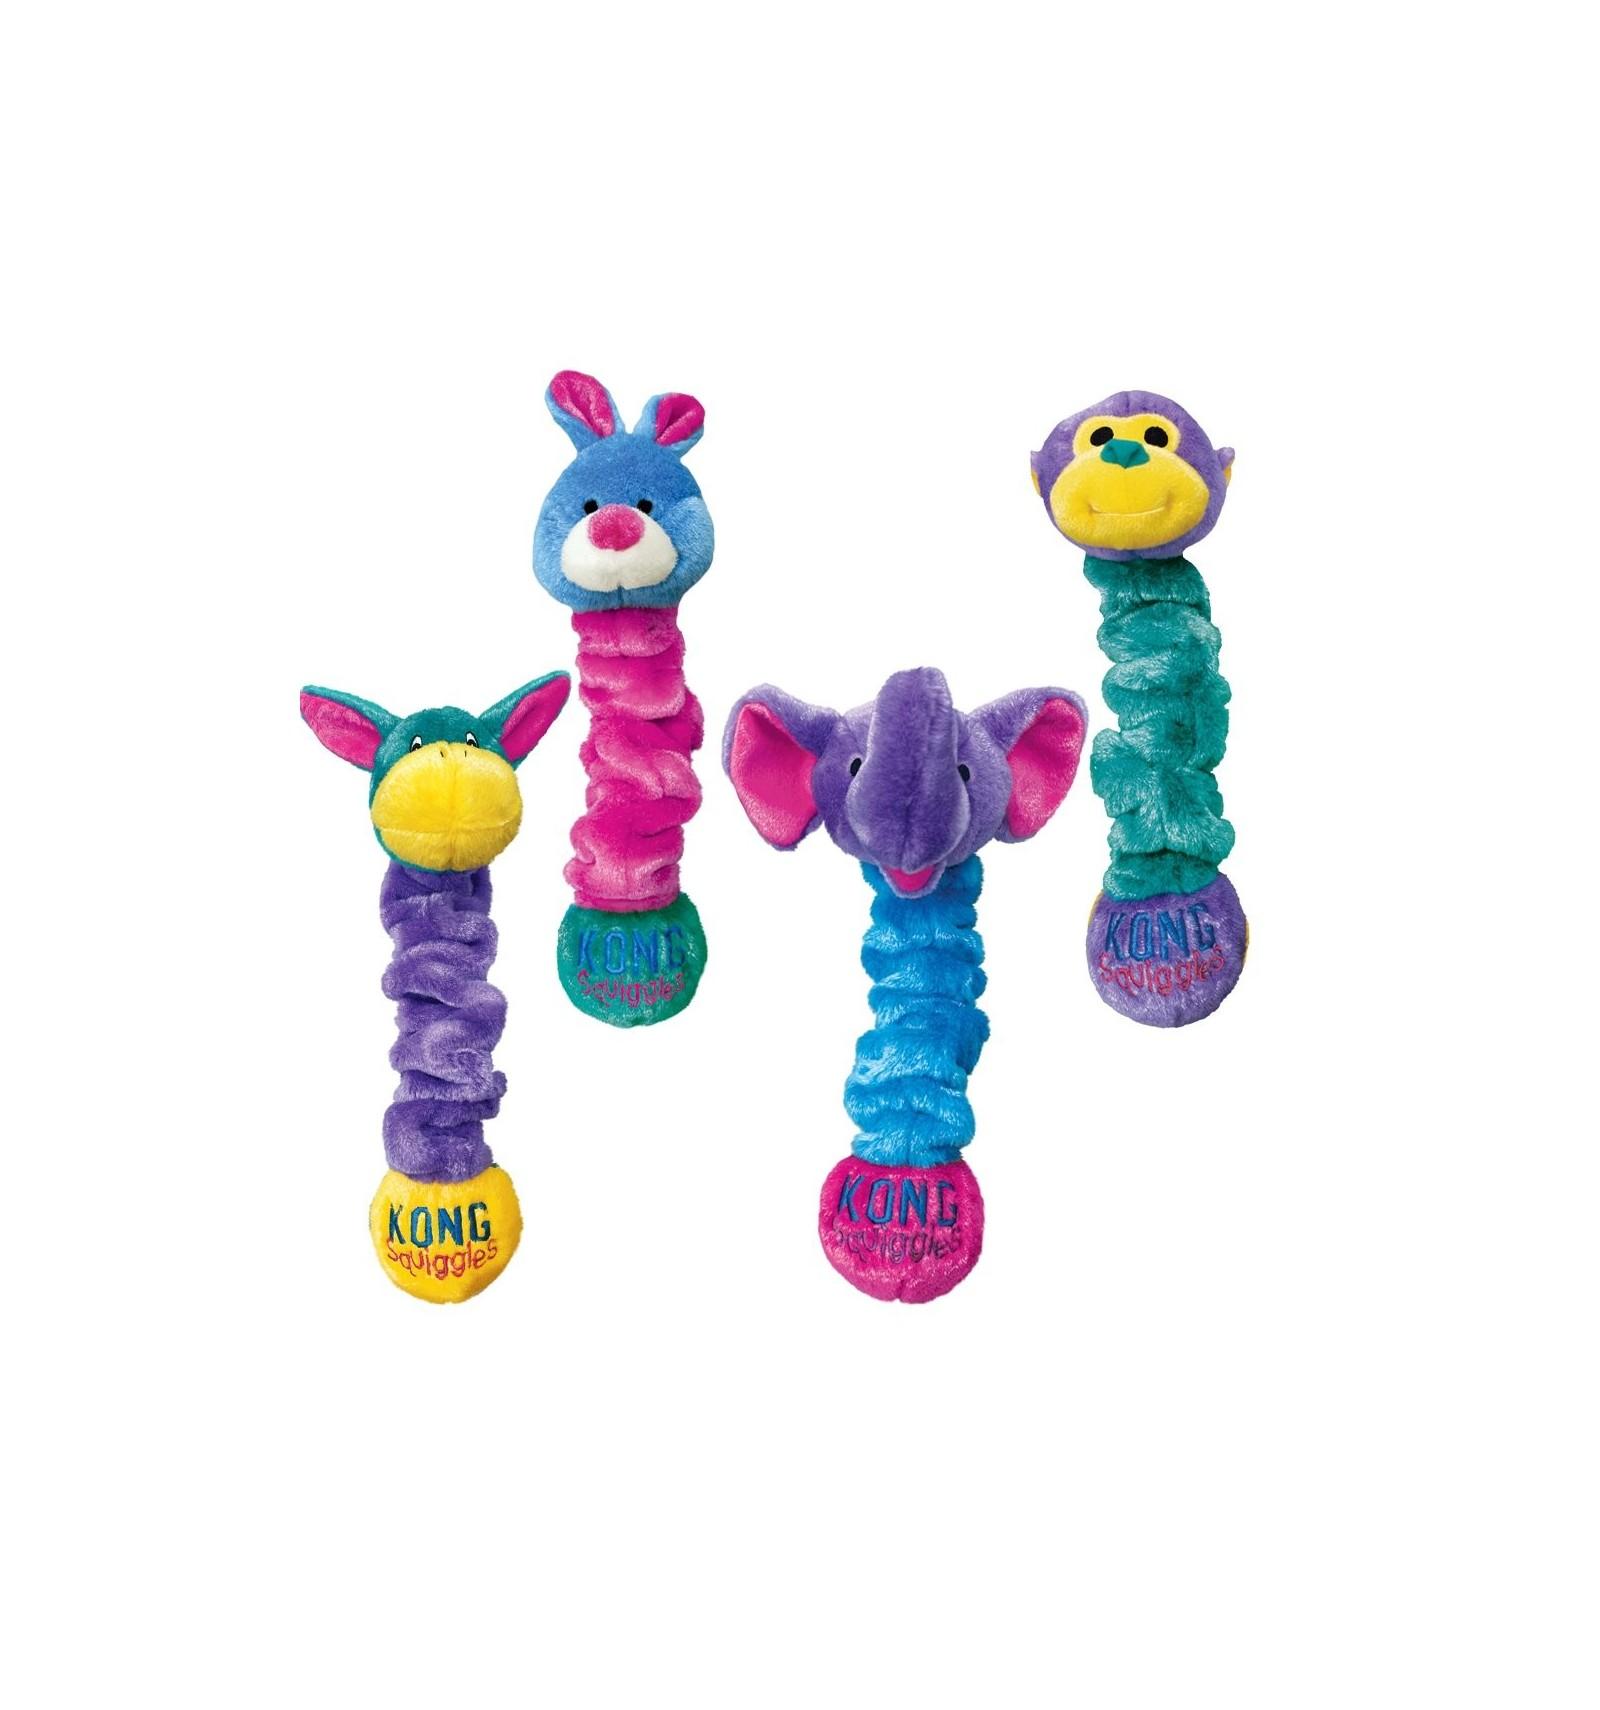 0d2f621442c9 Brinquedo Kong Peluche Elástico Squiggles c/ som - L (60 cm)